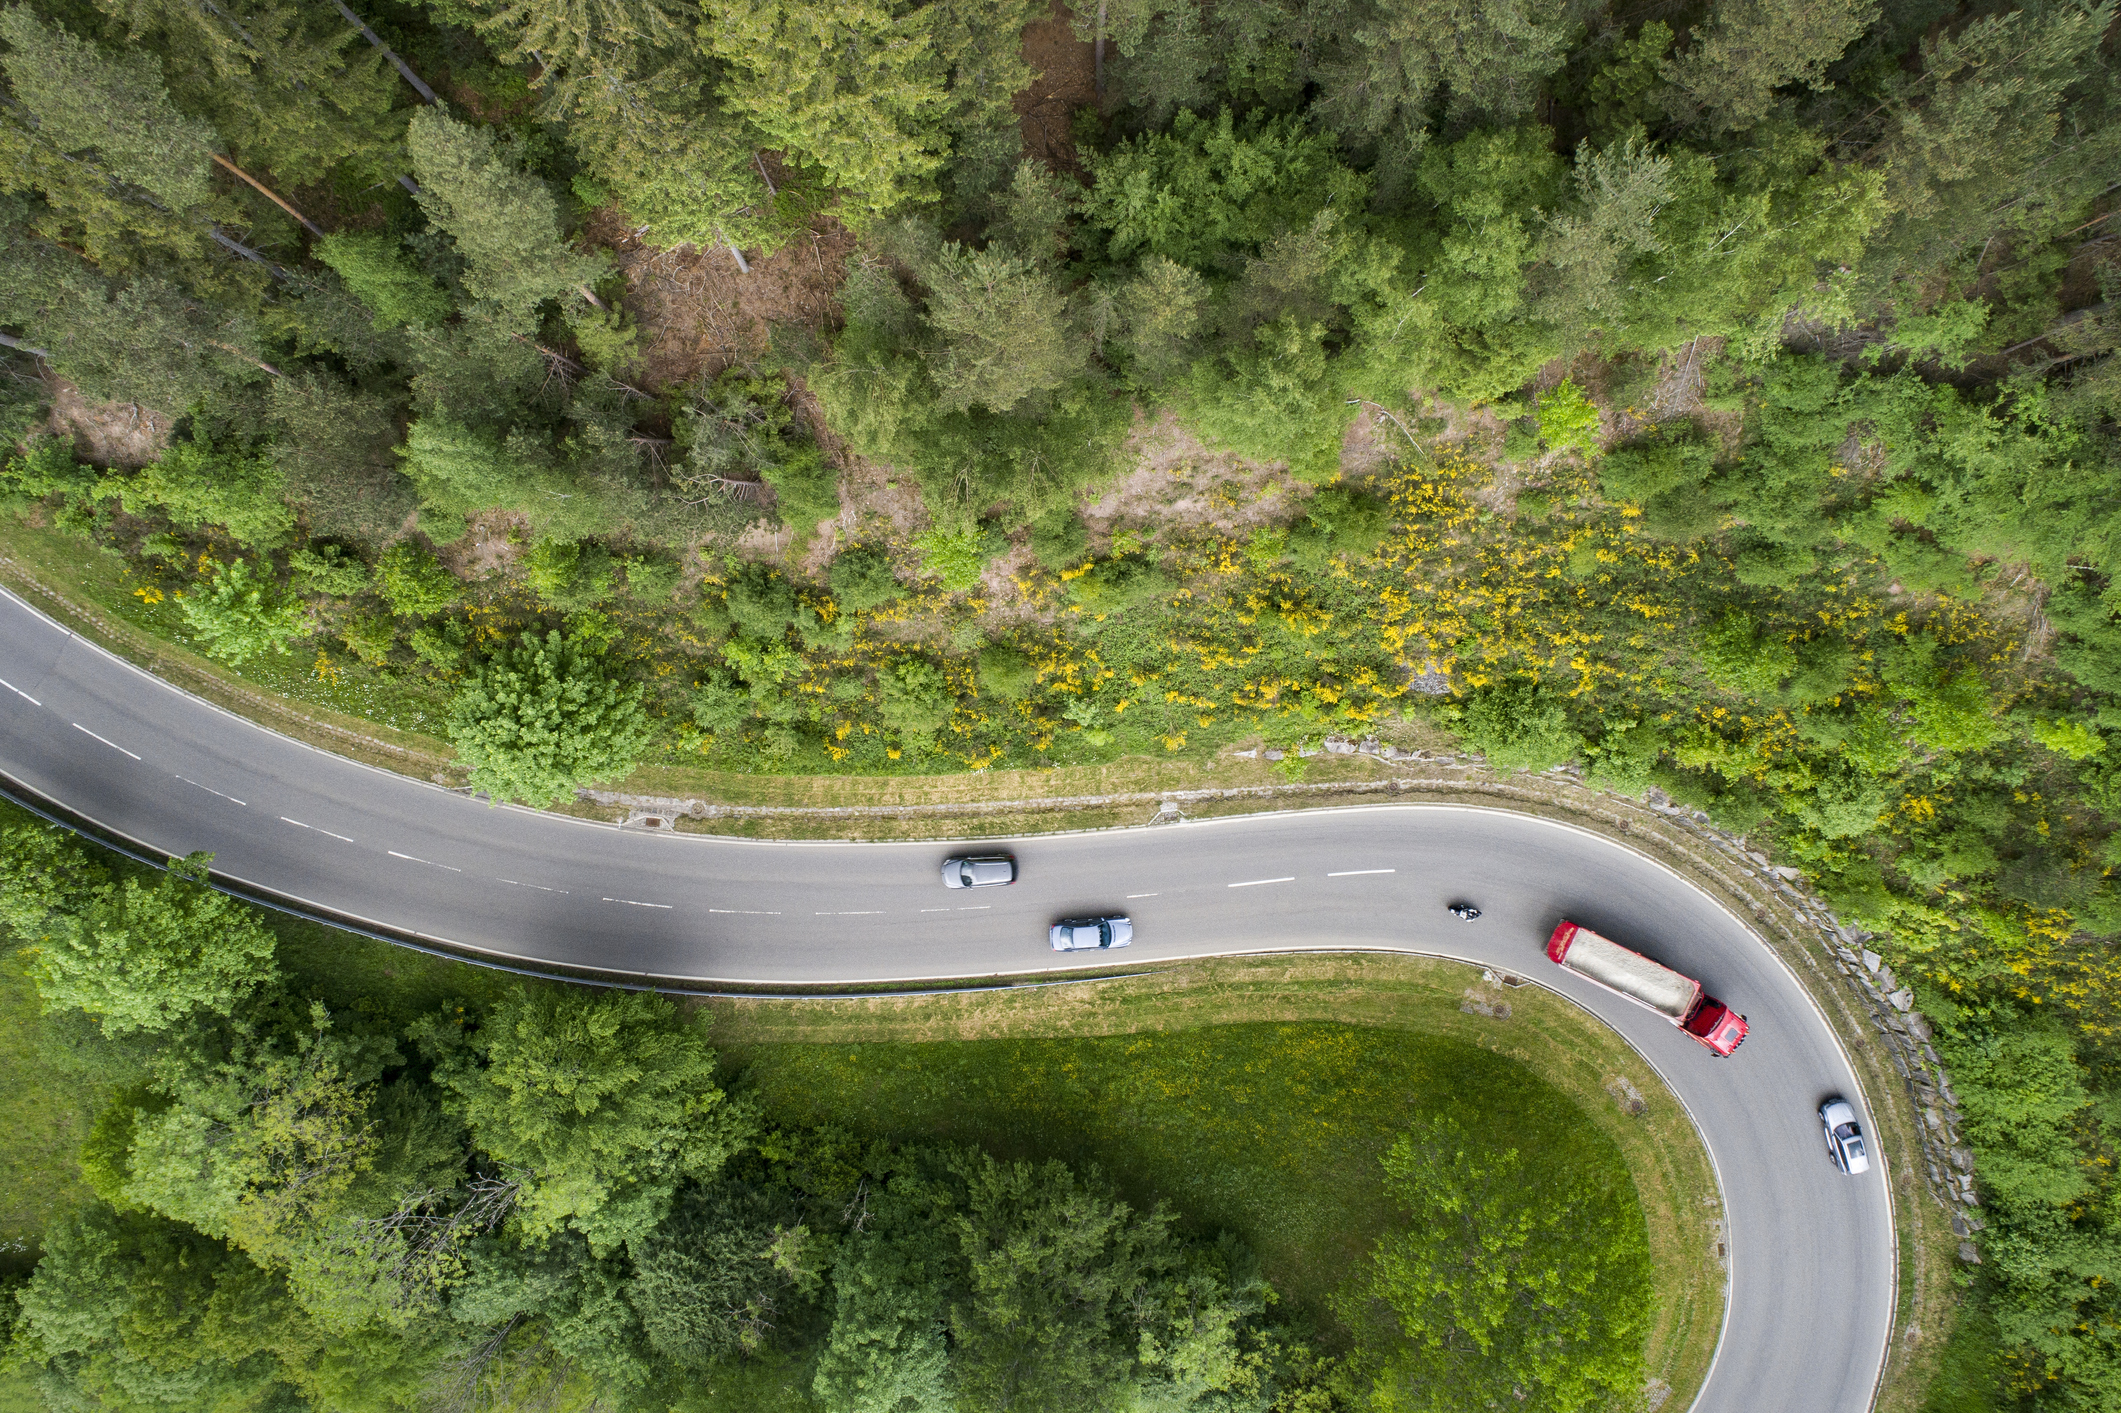 Imagem aérea de rodovia com caminhão e carros